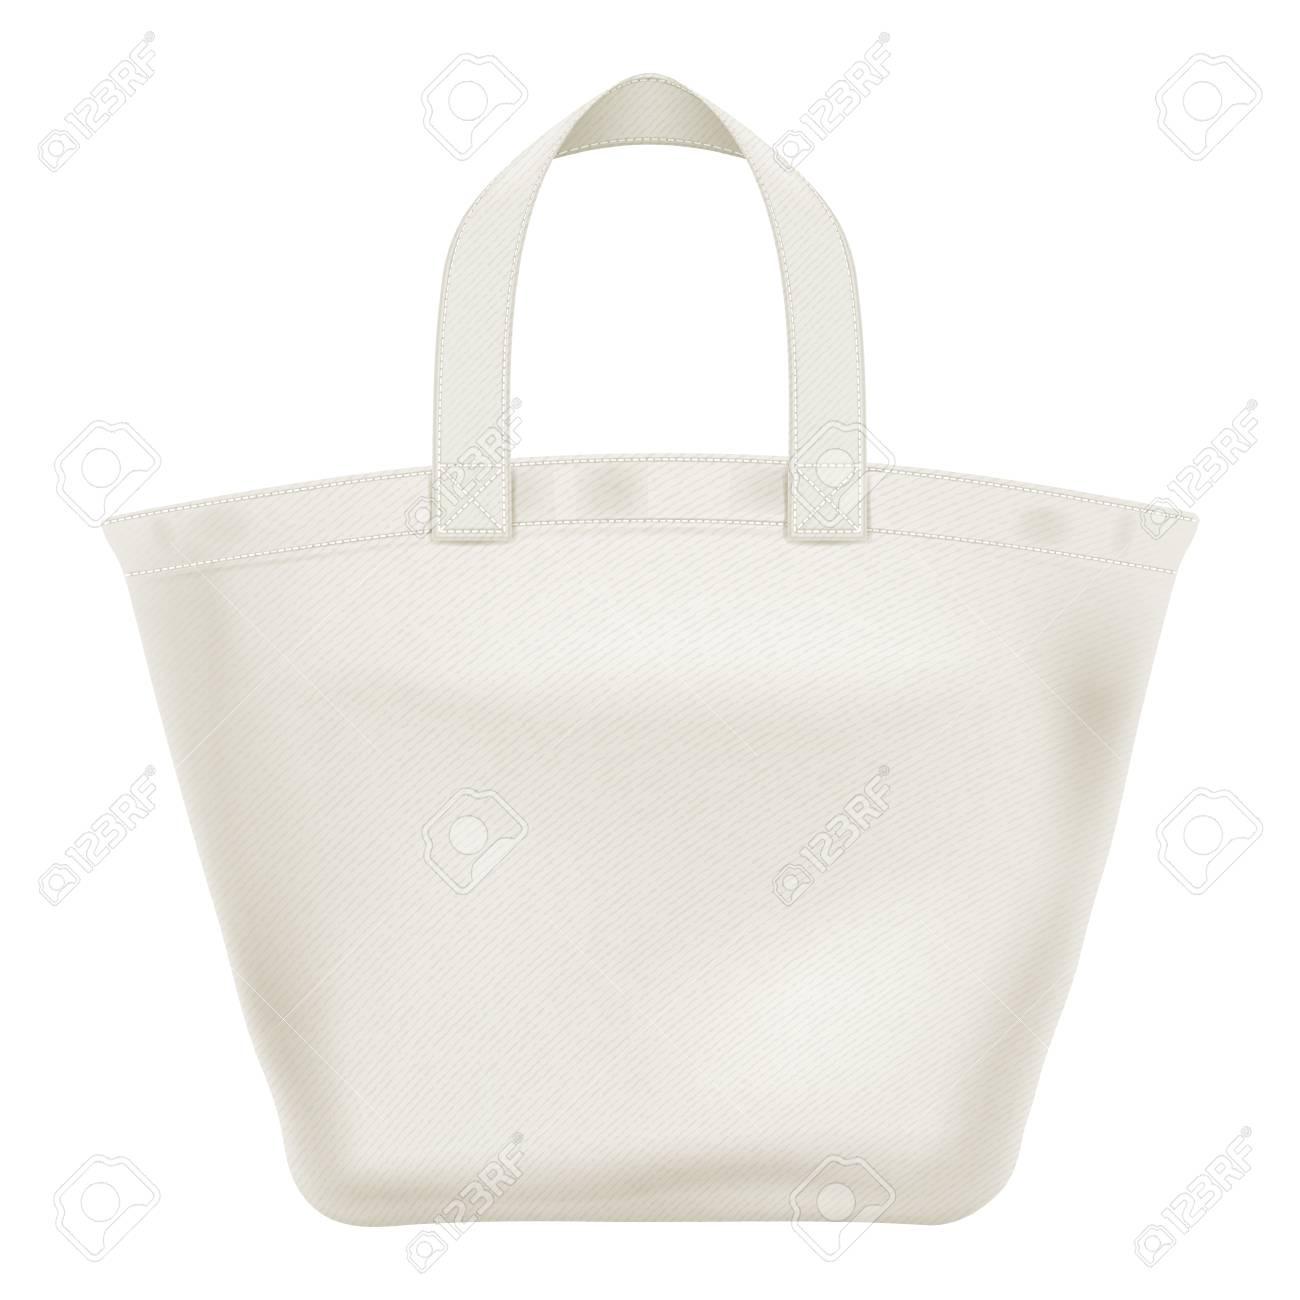 エコ繊維トートバッグ ショッピング バッグ ベクトル イラスト